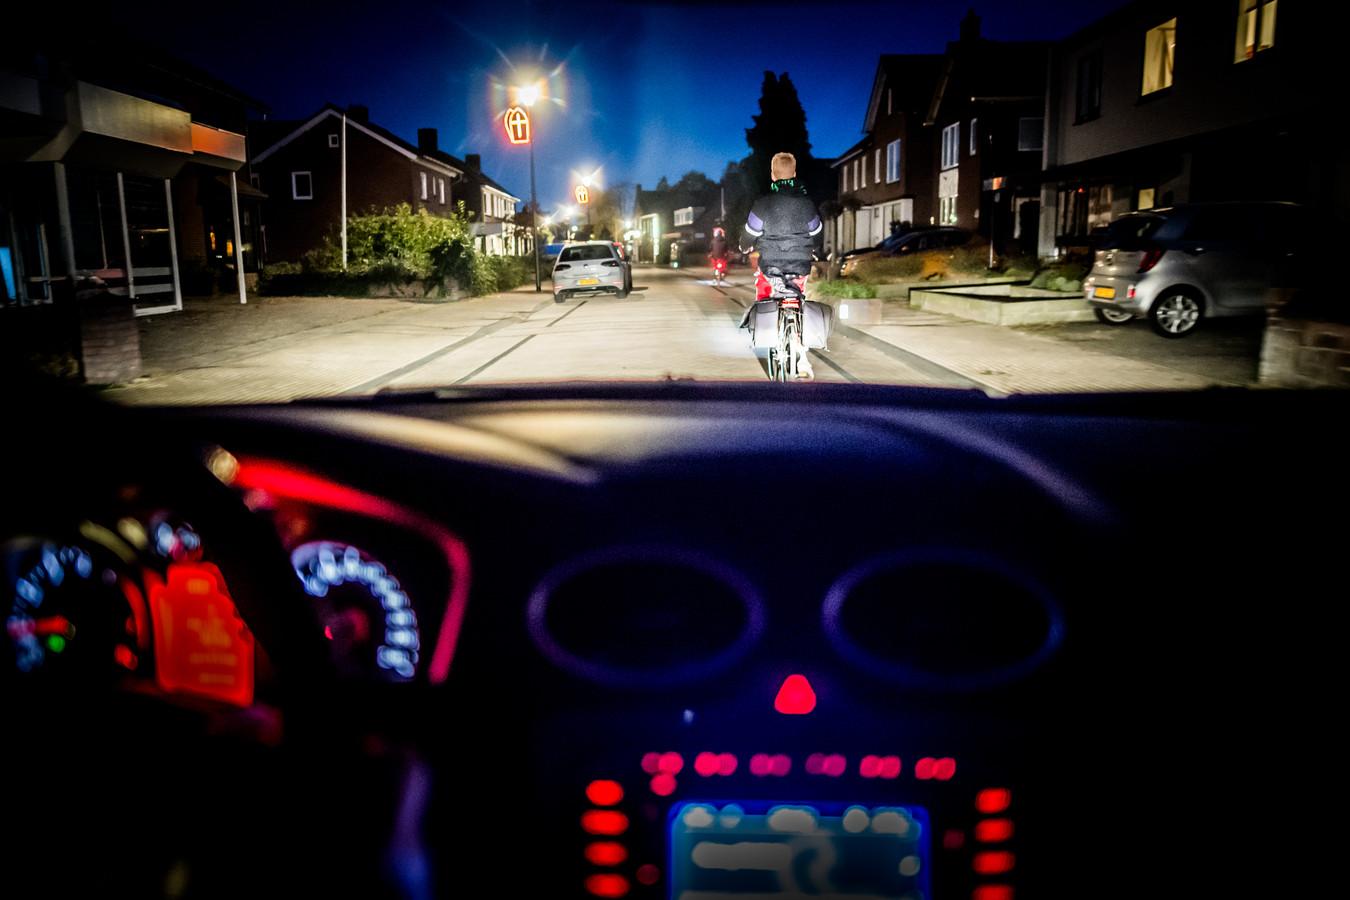 Deze fietser in het centrum van Driel is, met behulp van straatverlichting, goed te zien. Op de donkere Rijndijk is dat niet zo.